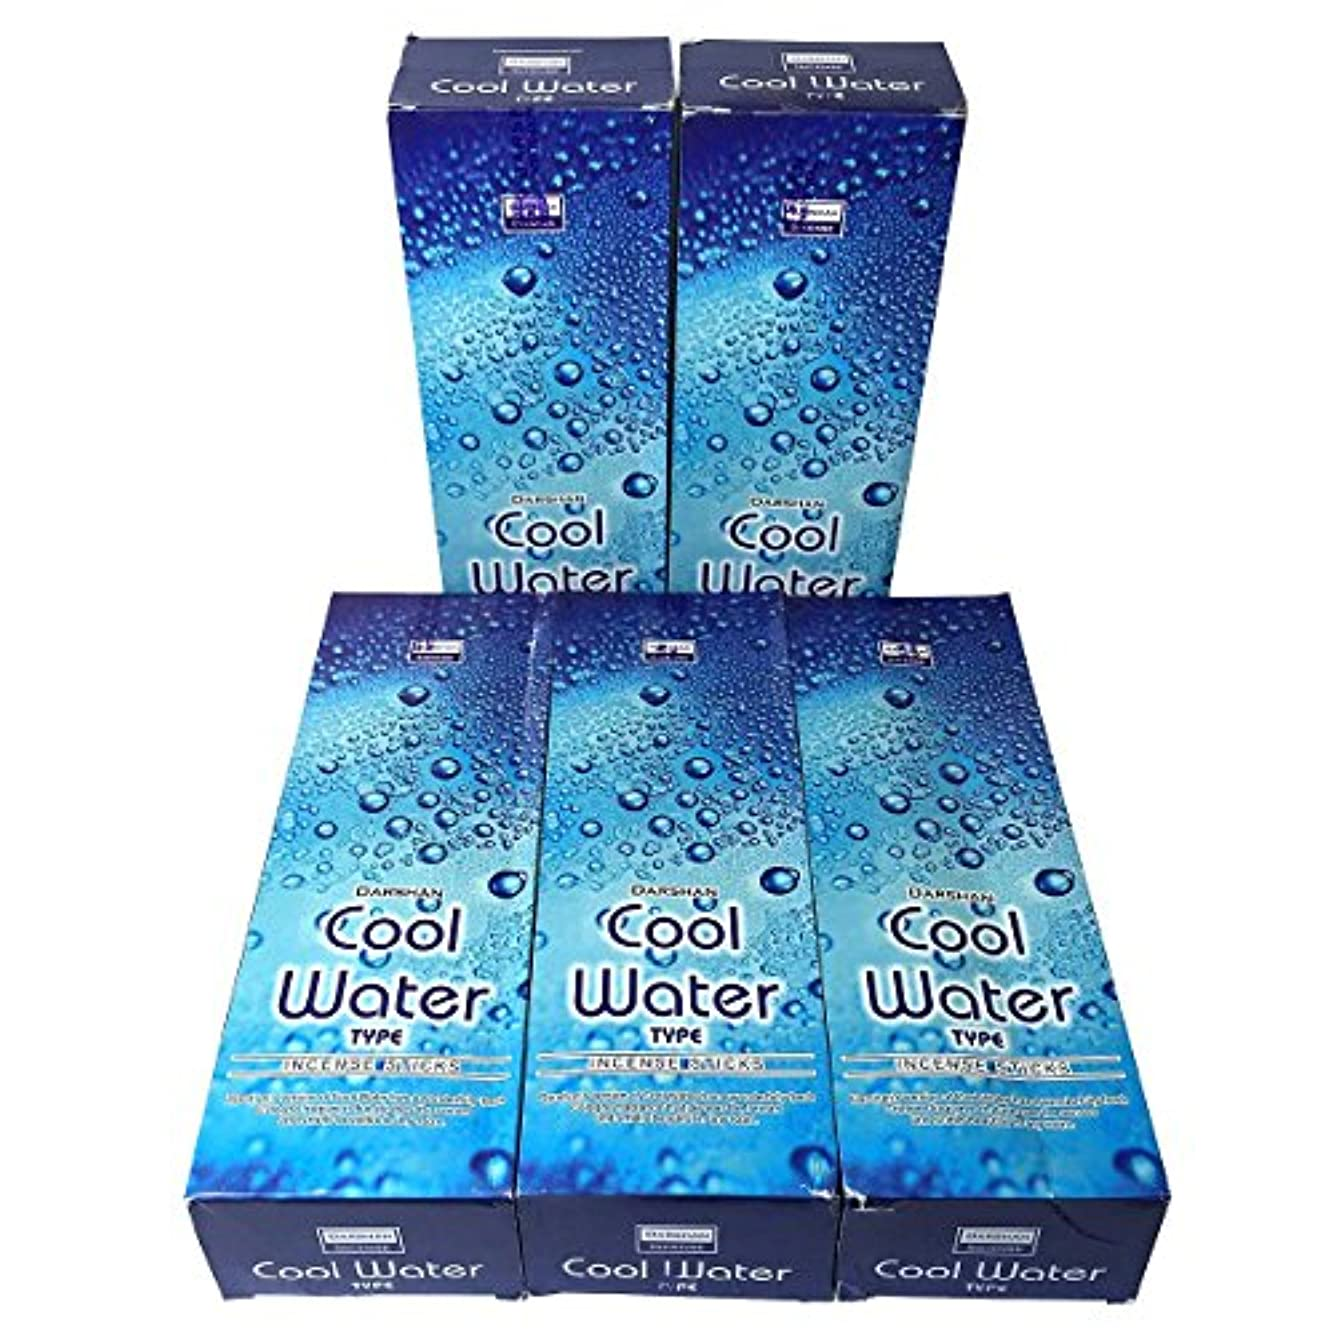 うまくいけば追い越す反毒クールウォーター香スティック 5BOX(30箱)/DARSHAN COOL WATER/ インド香 / 送料無料 [並行輸入品]